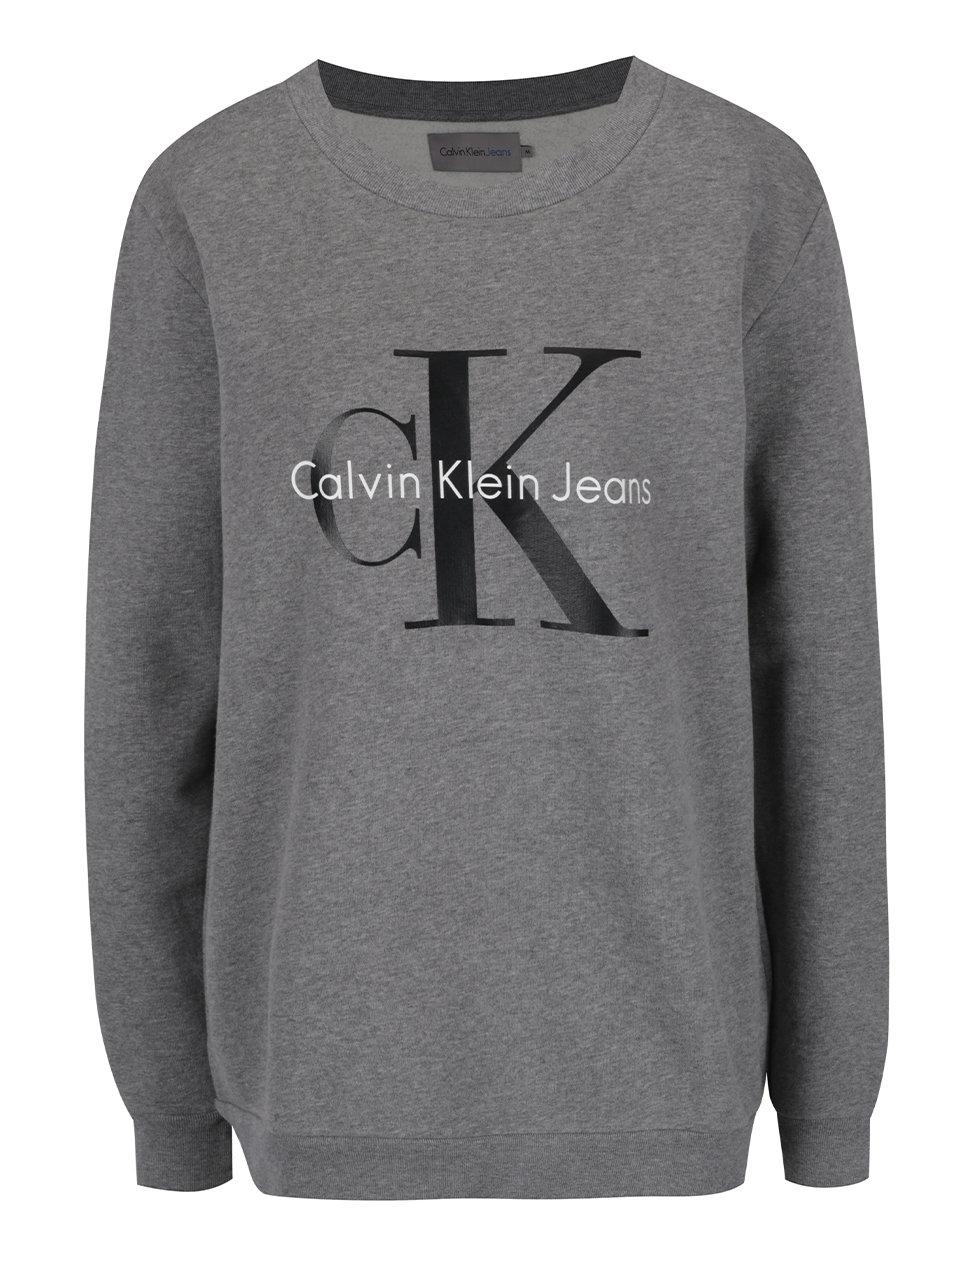 e4fb472bf4d Šedá dámská mikina s potiskem v černé barvě Calvin Klein Jeans Crew ...